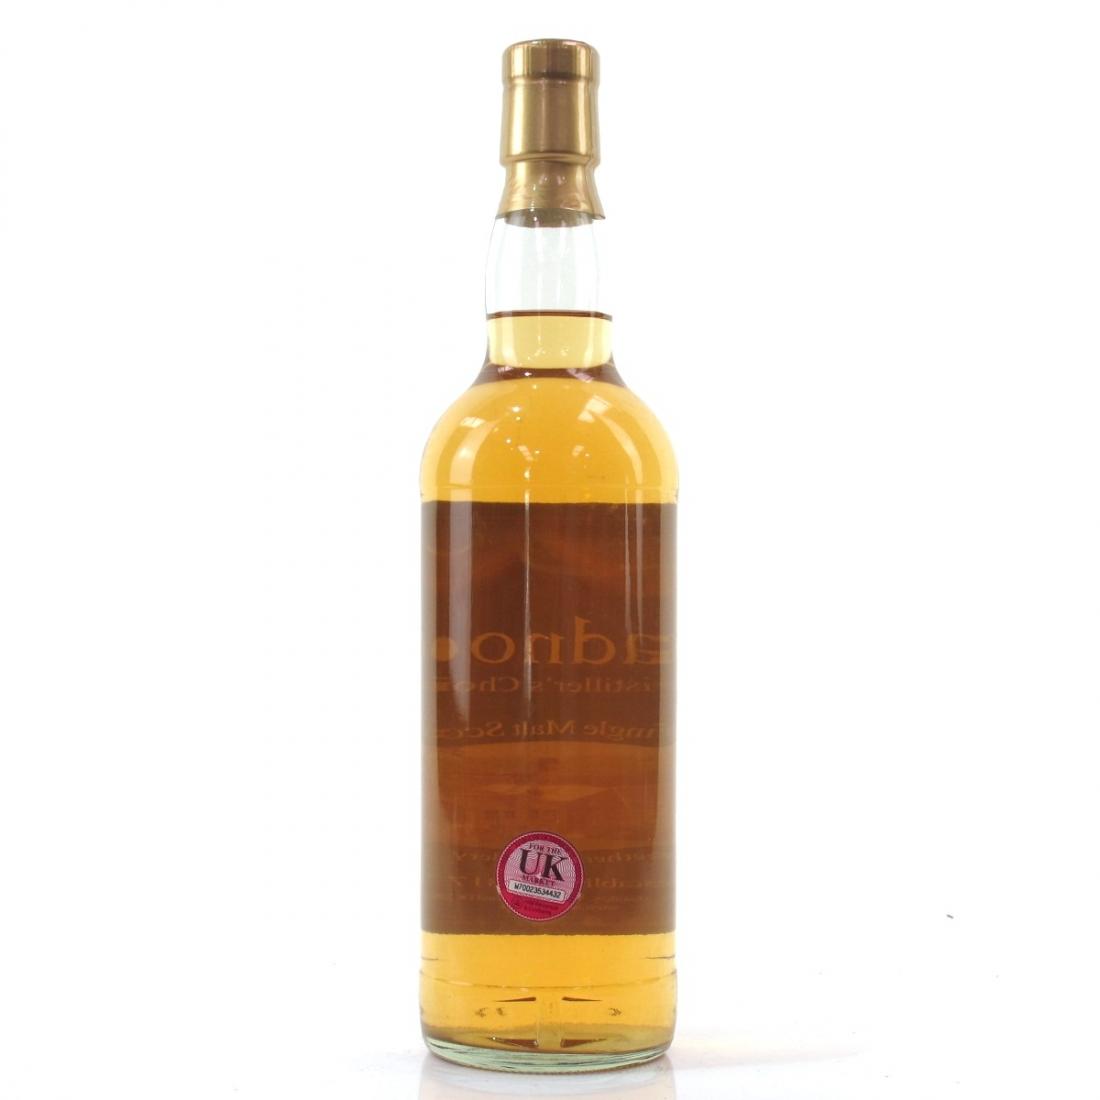 Bladnoch Distiller's Choice